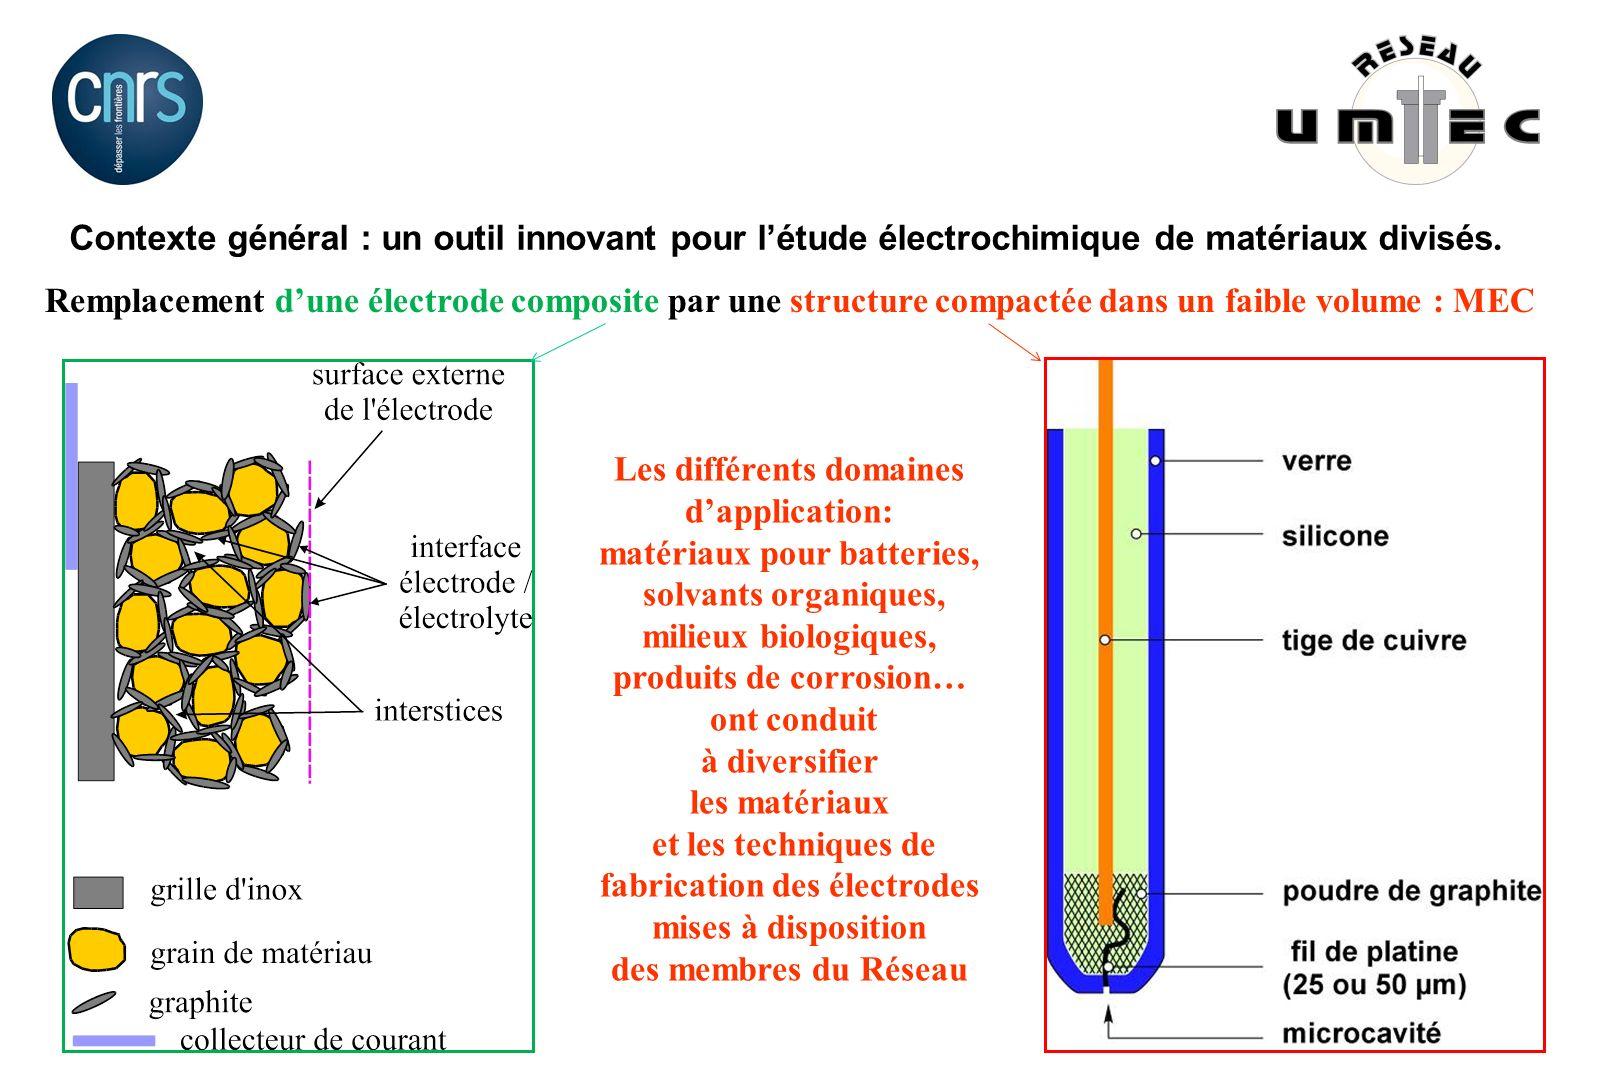 Les différents domaines d'application: matériaux pour batteries,